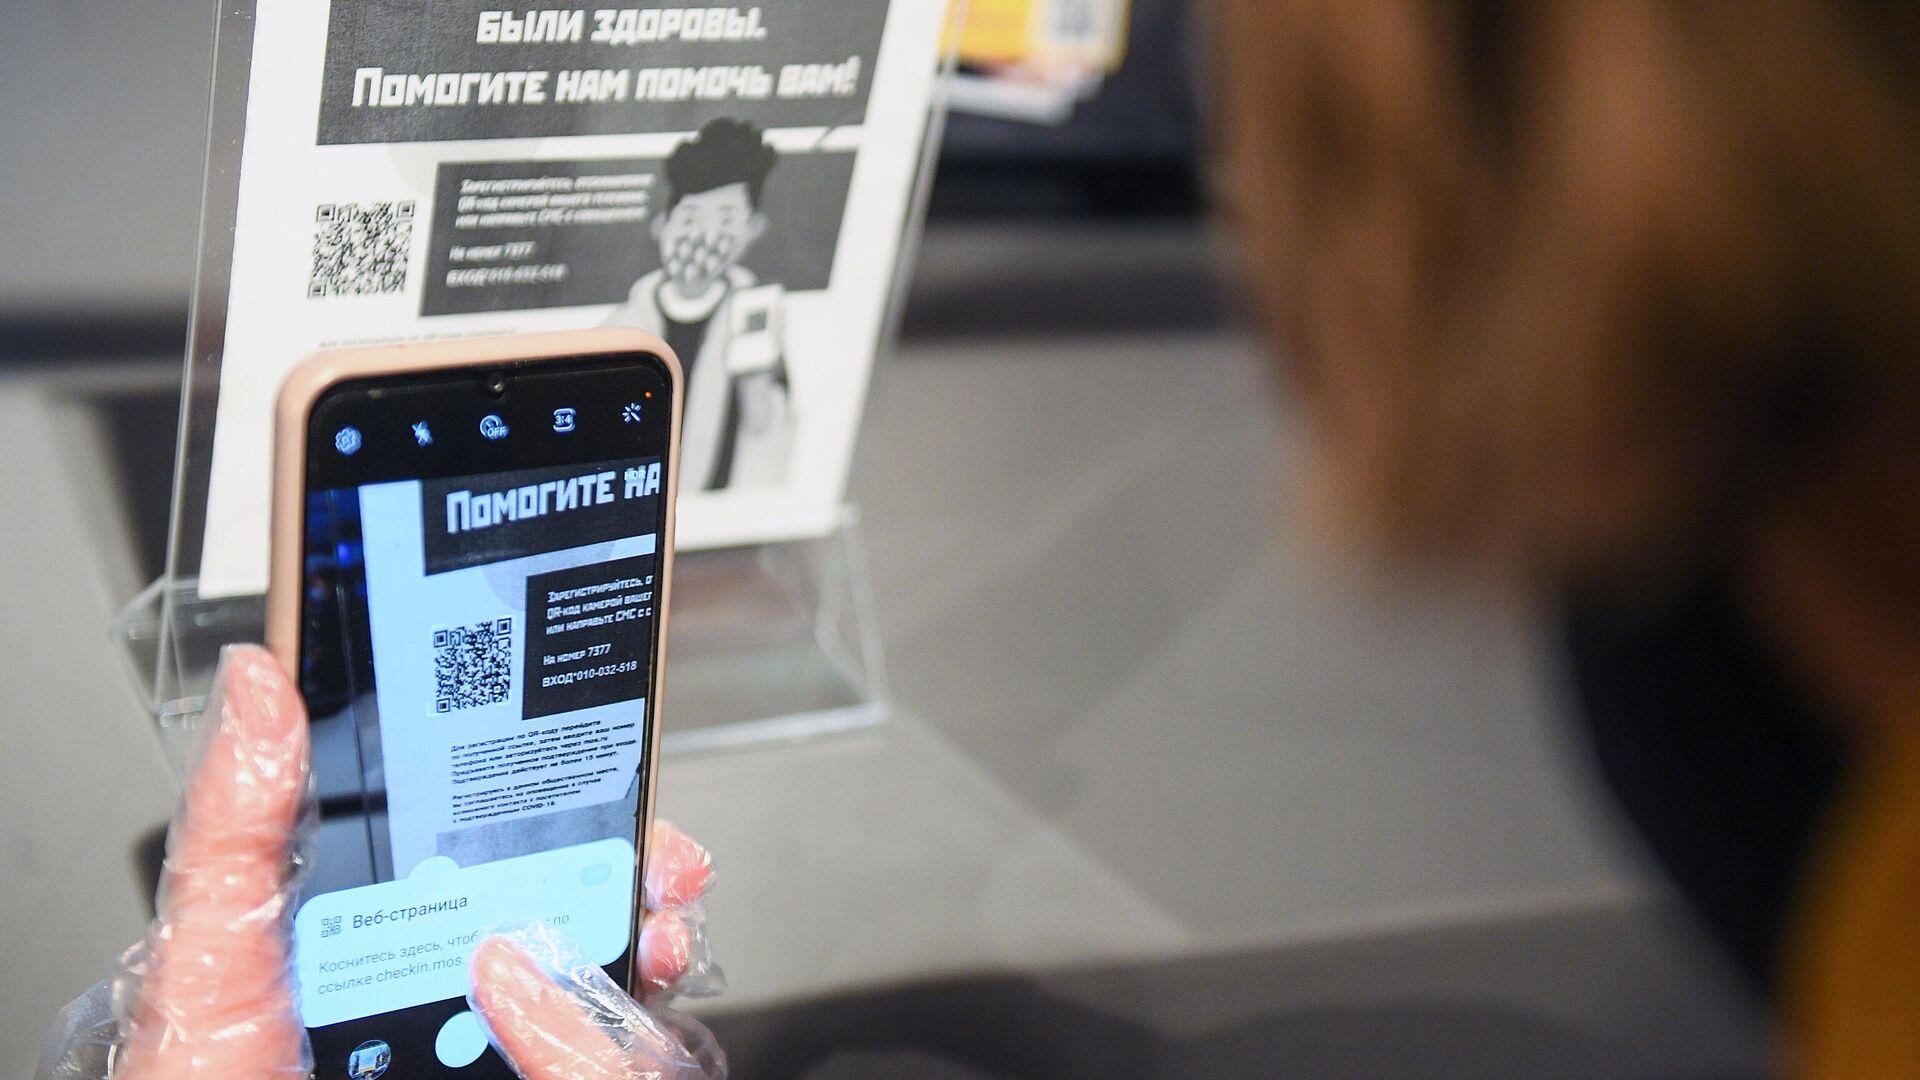 Посетитель регистрируется по QR-коду и SMS в сети ресторанов McDonald's в Москва - РИА Новости, 1920, 12.11.2020